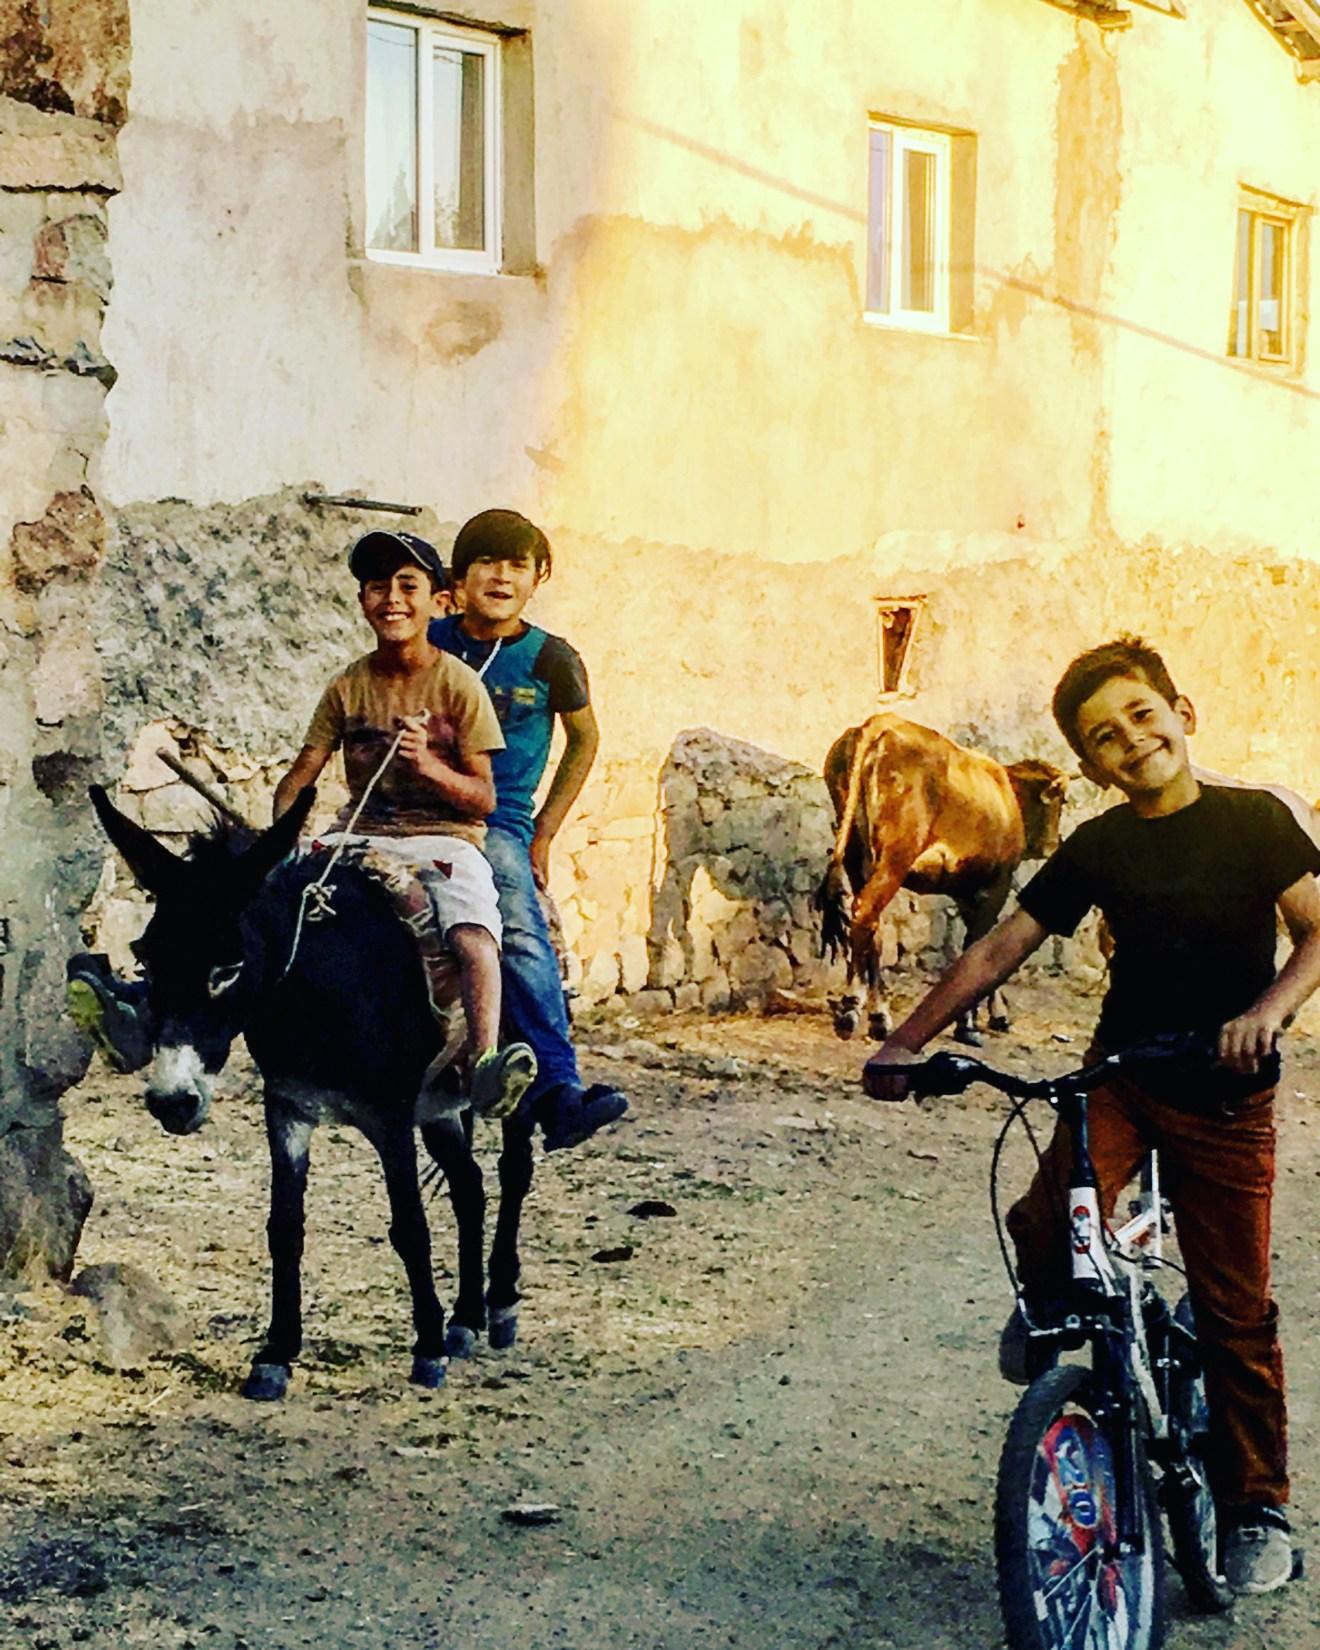 Random Photo in Yozgat, Turkey